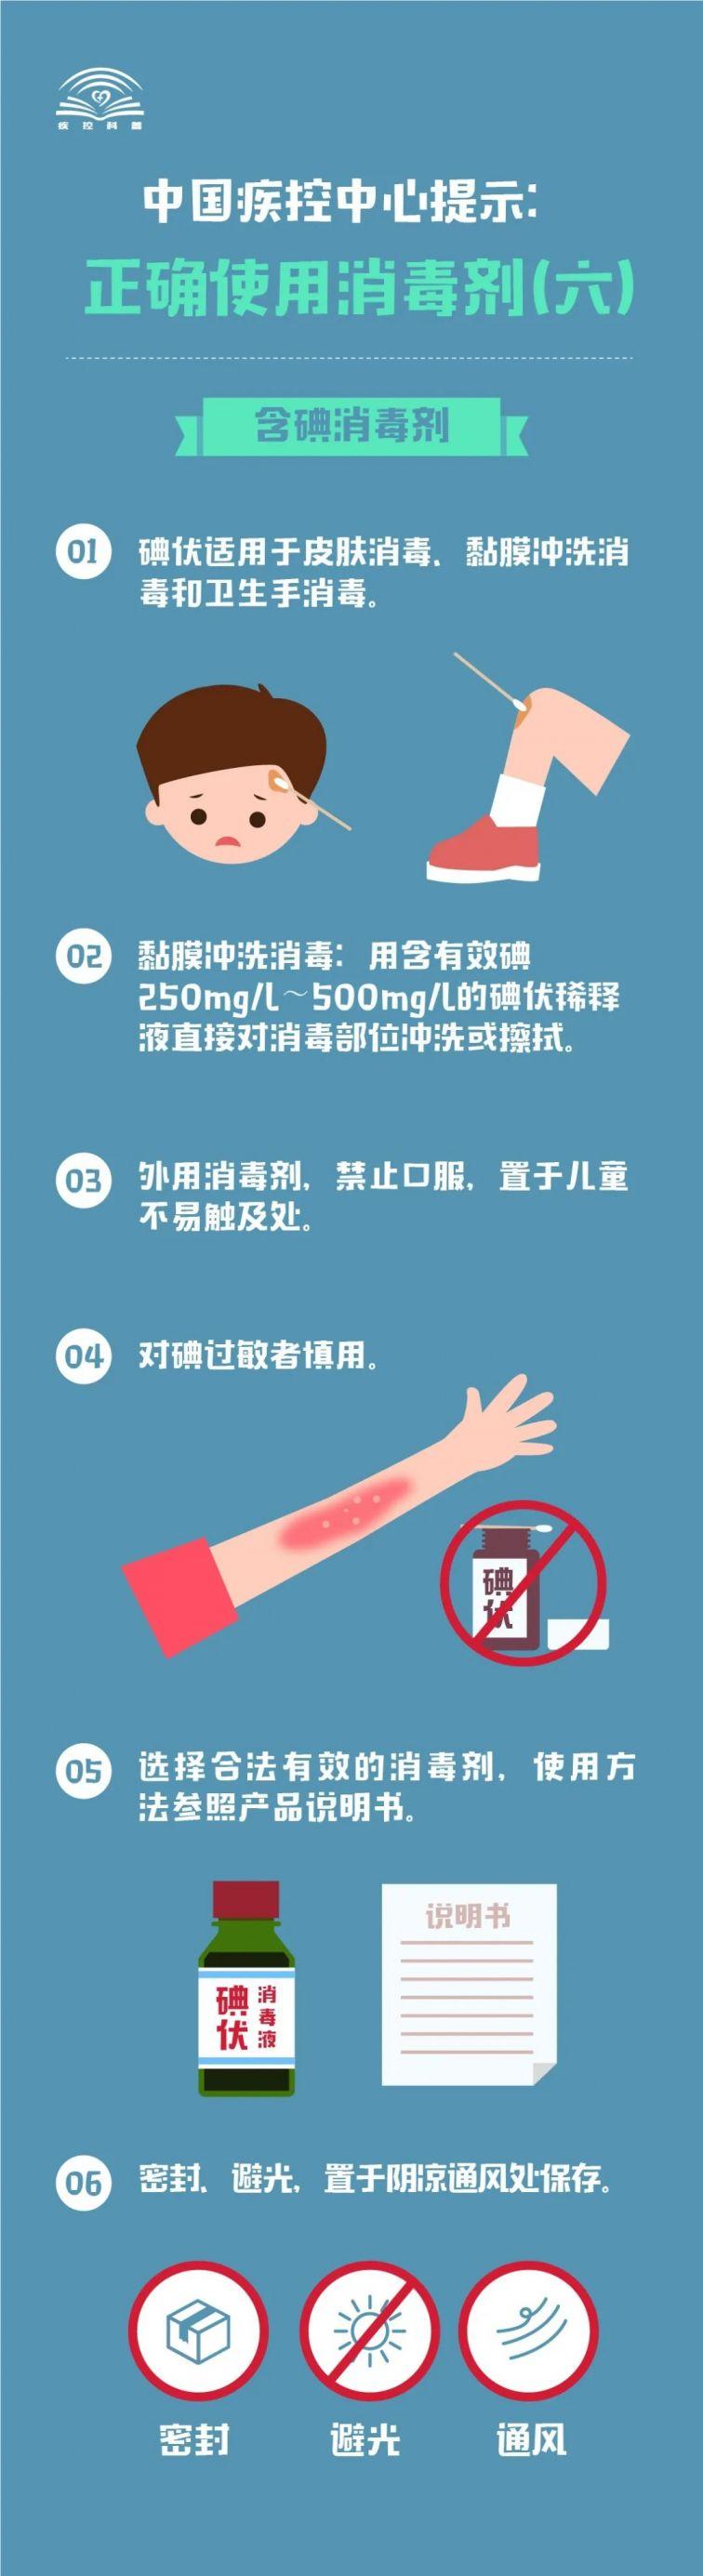 含碘消毒剂使用注意事项一览